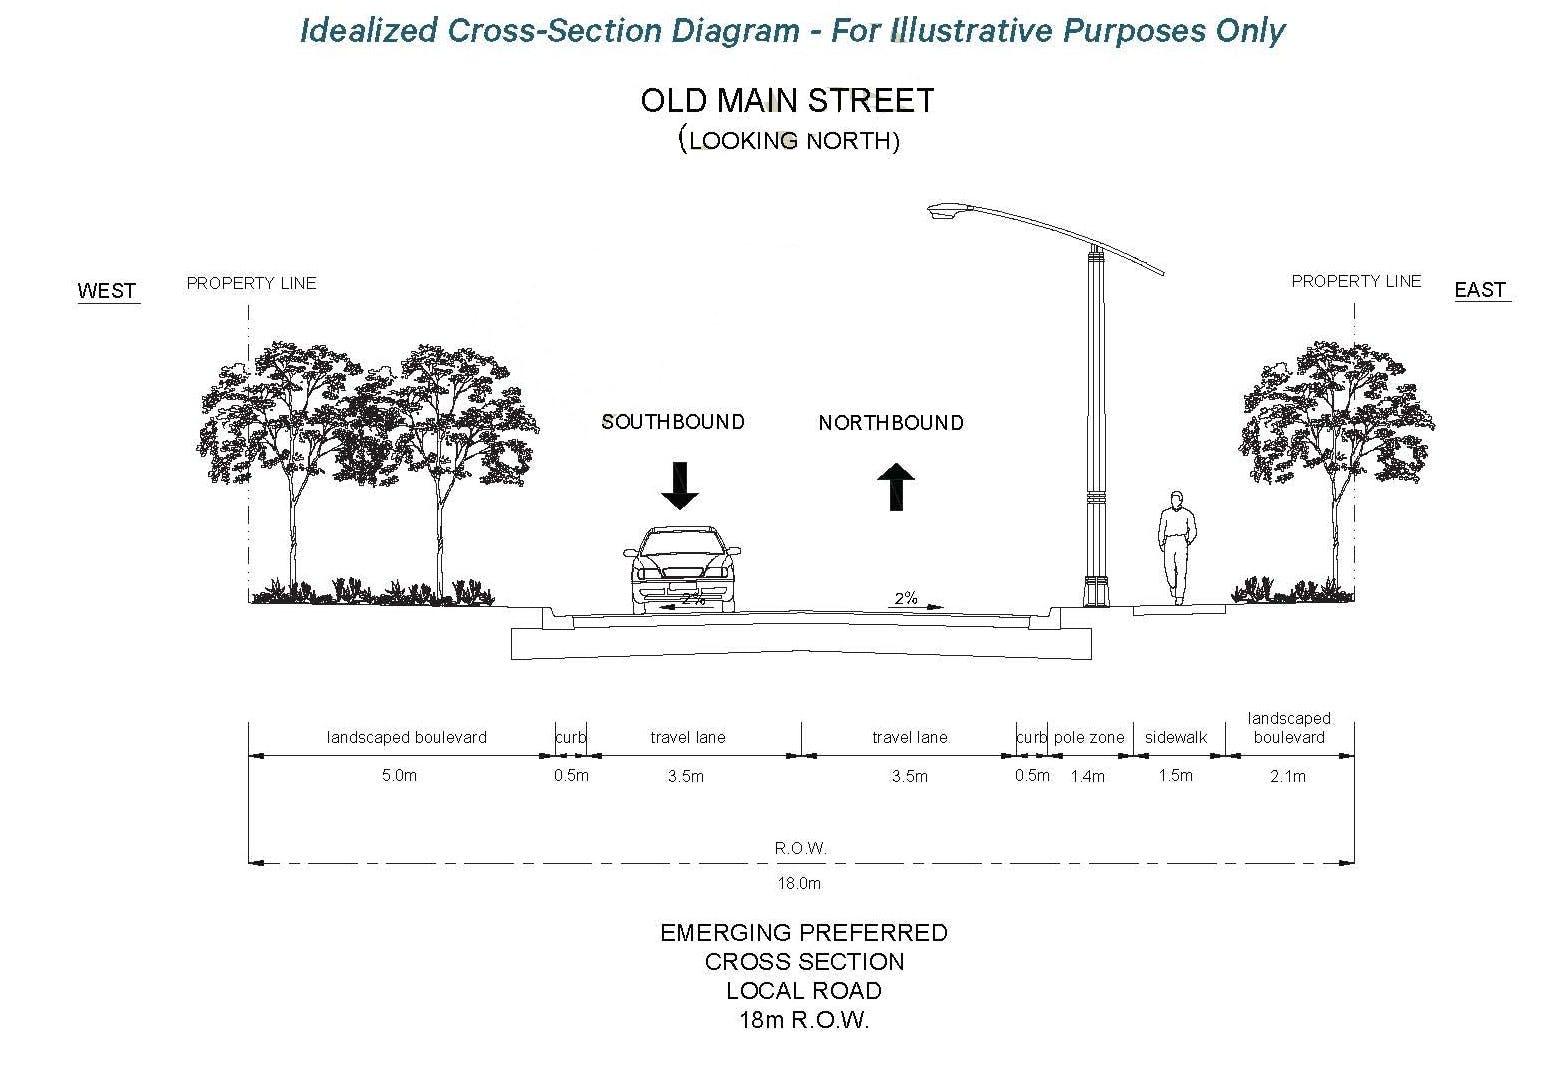 Idealized Street Cross Section